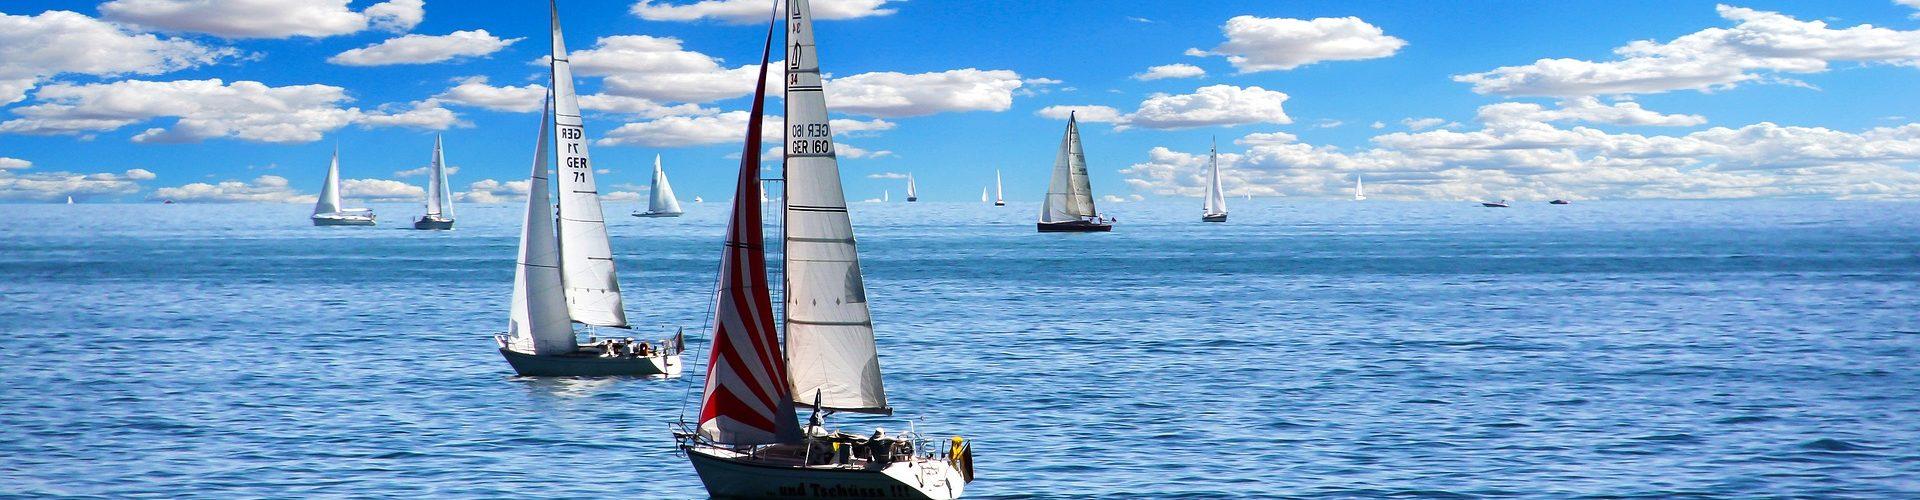 segeln lernen in Groß Gerau segelschein machen in Groß Gerau 1920x500 - Segeln lernen in Groß-Gerau